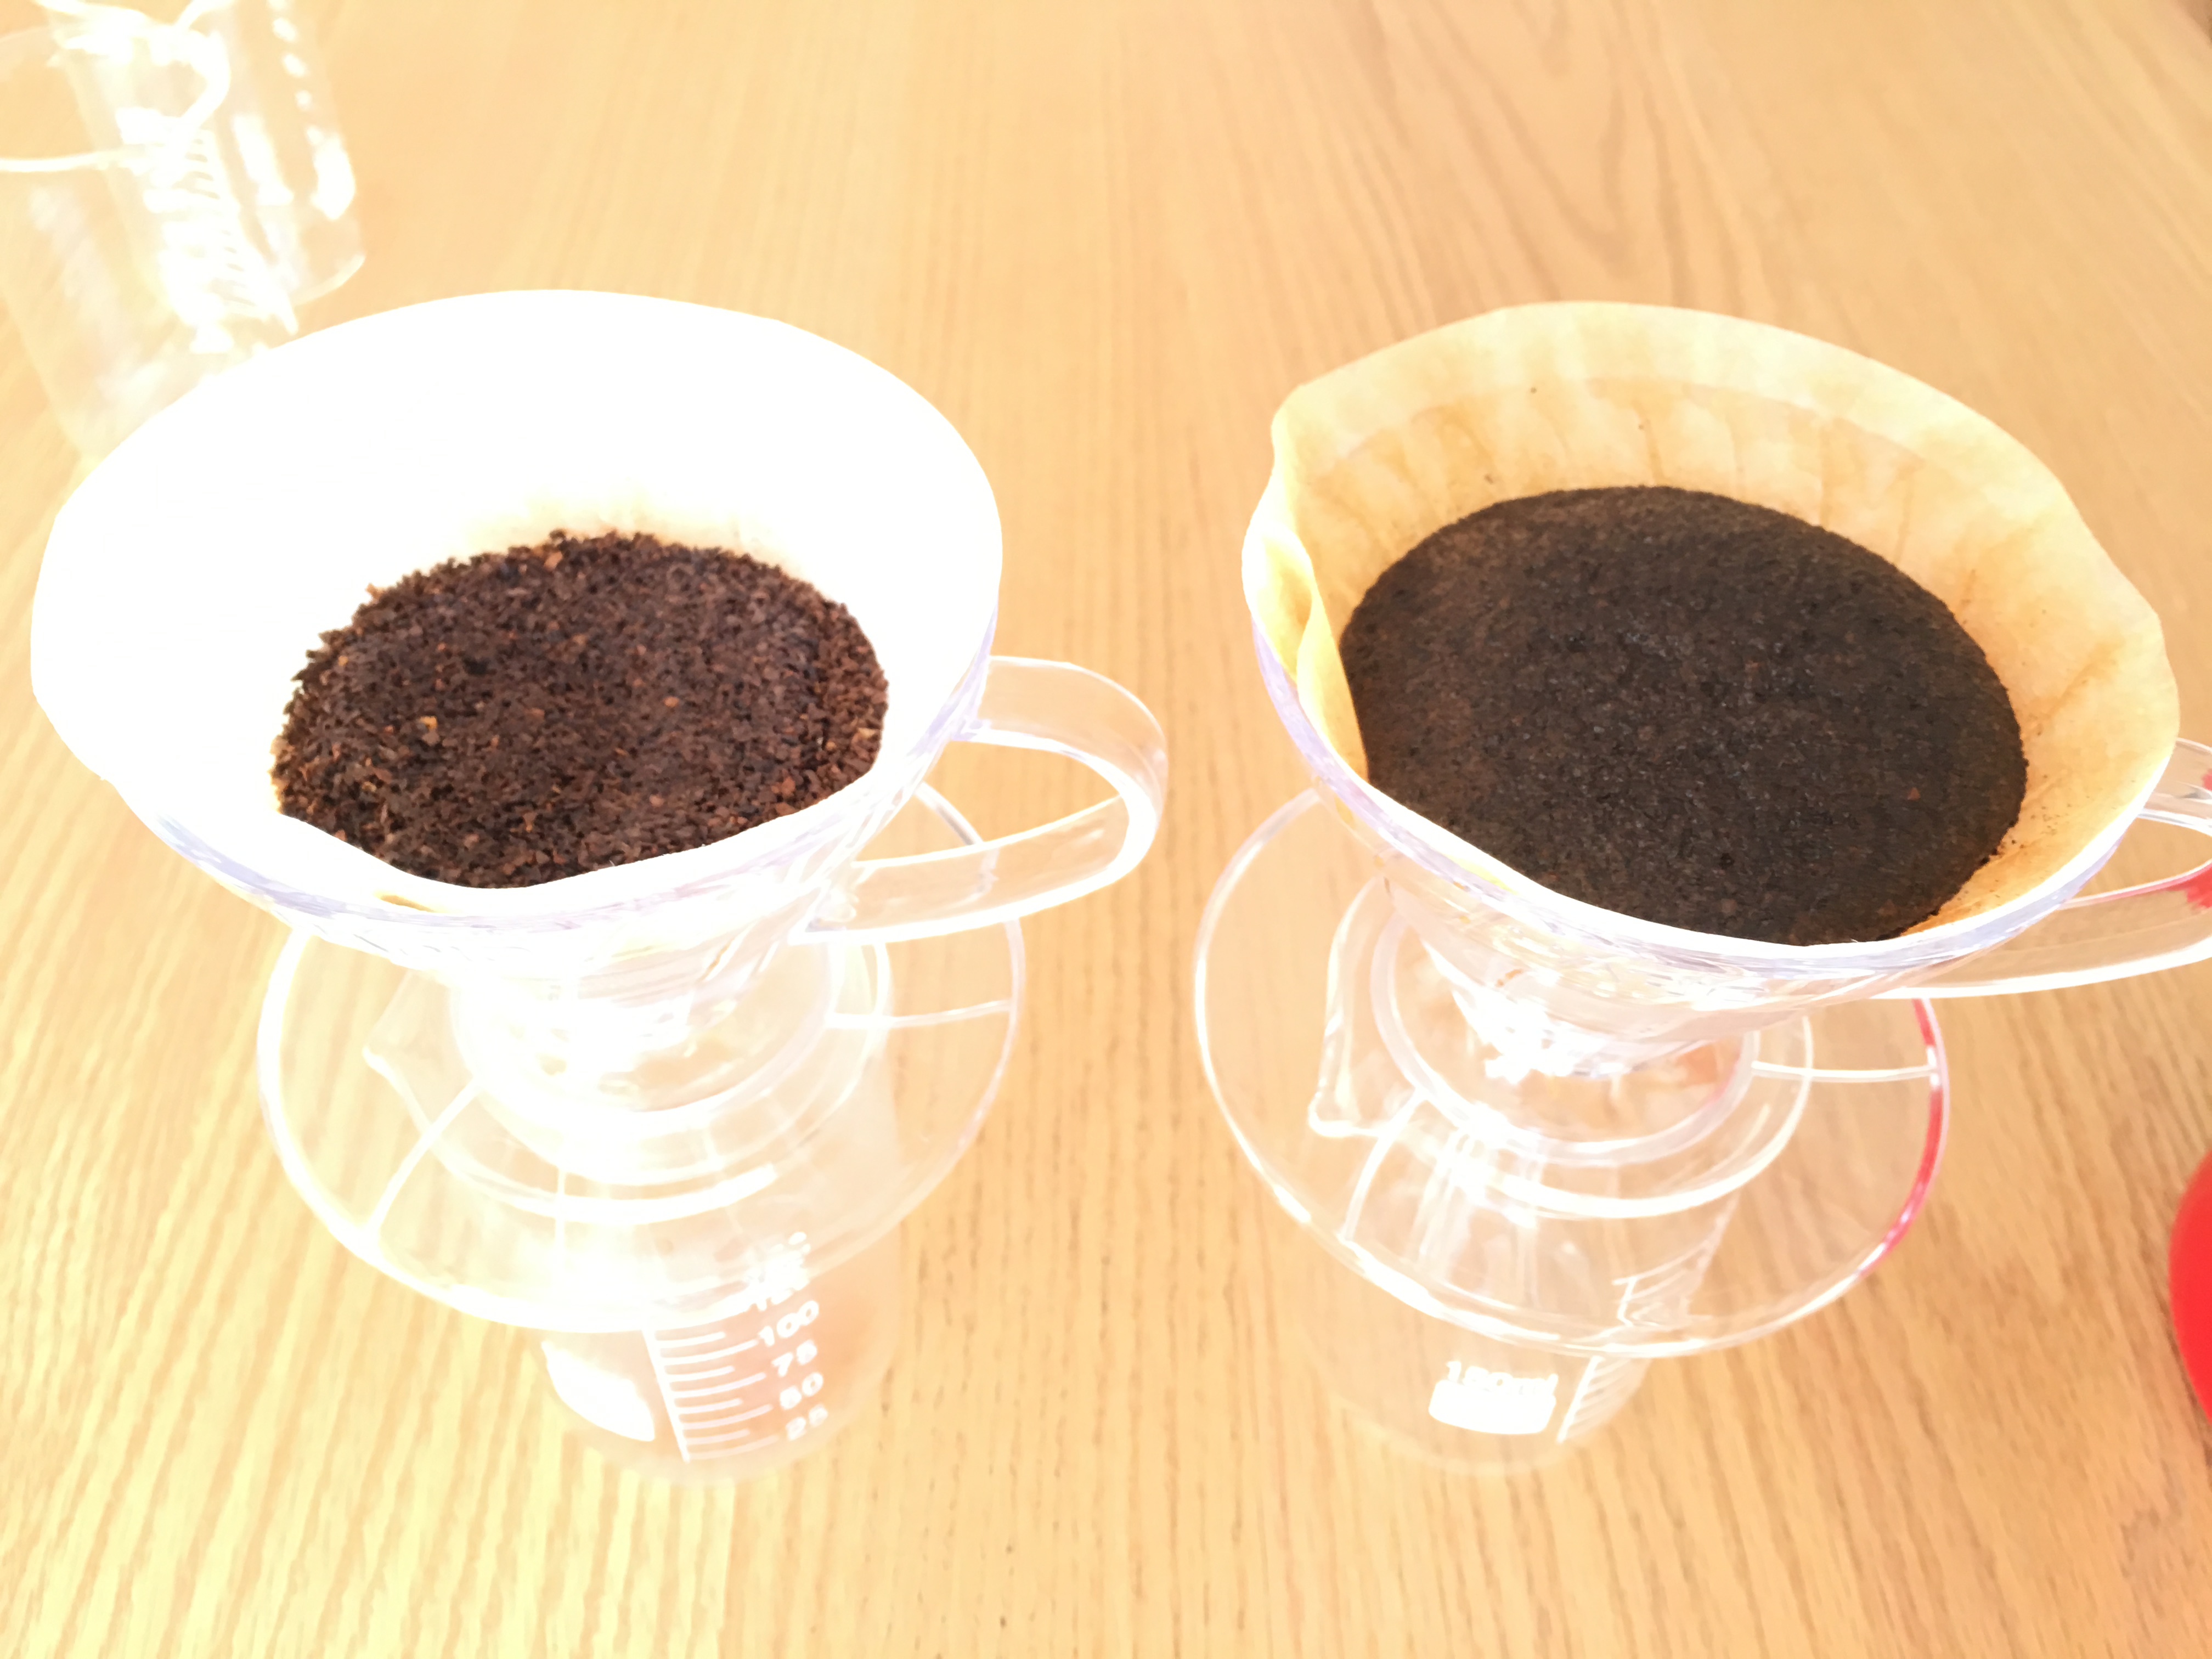 コーヒー豆を粉で買ったもの、豆から挽いたものを淹れ比べてみた